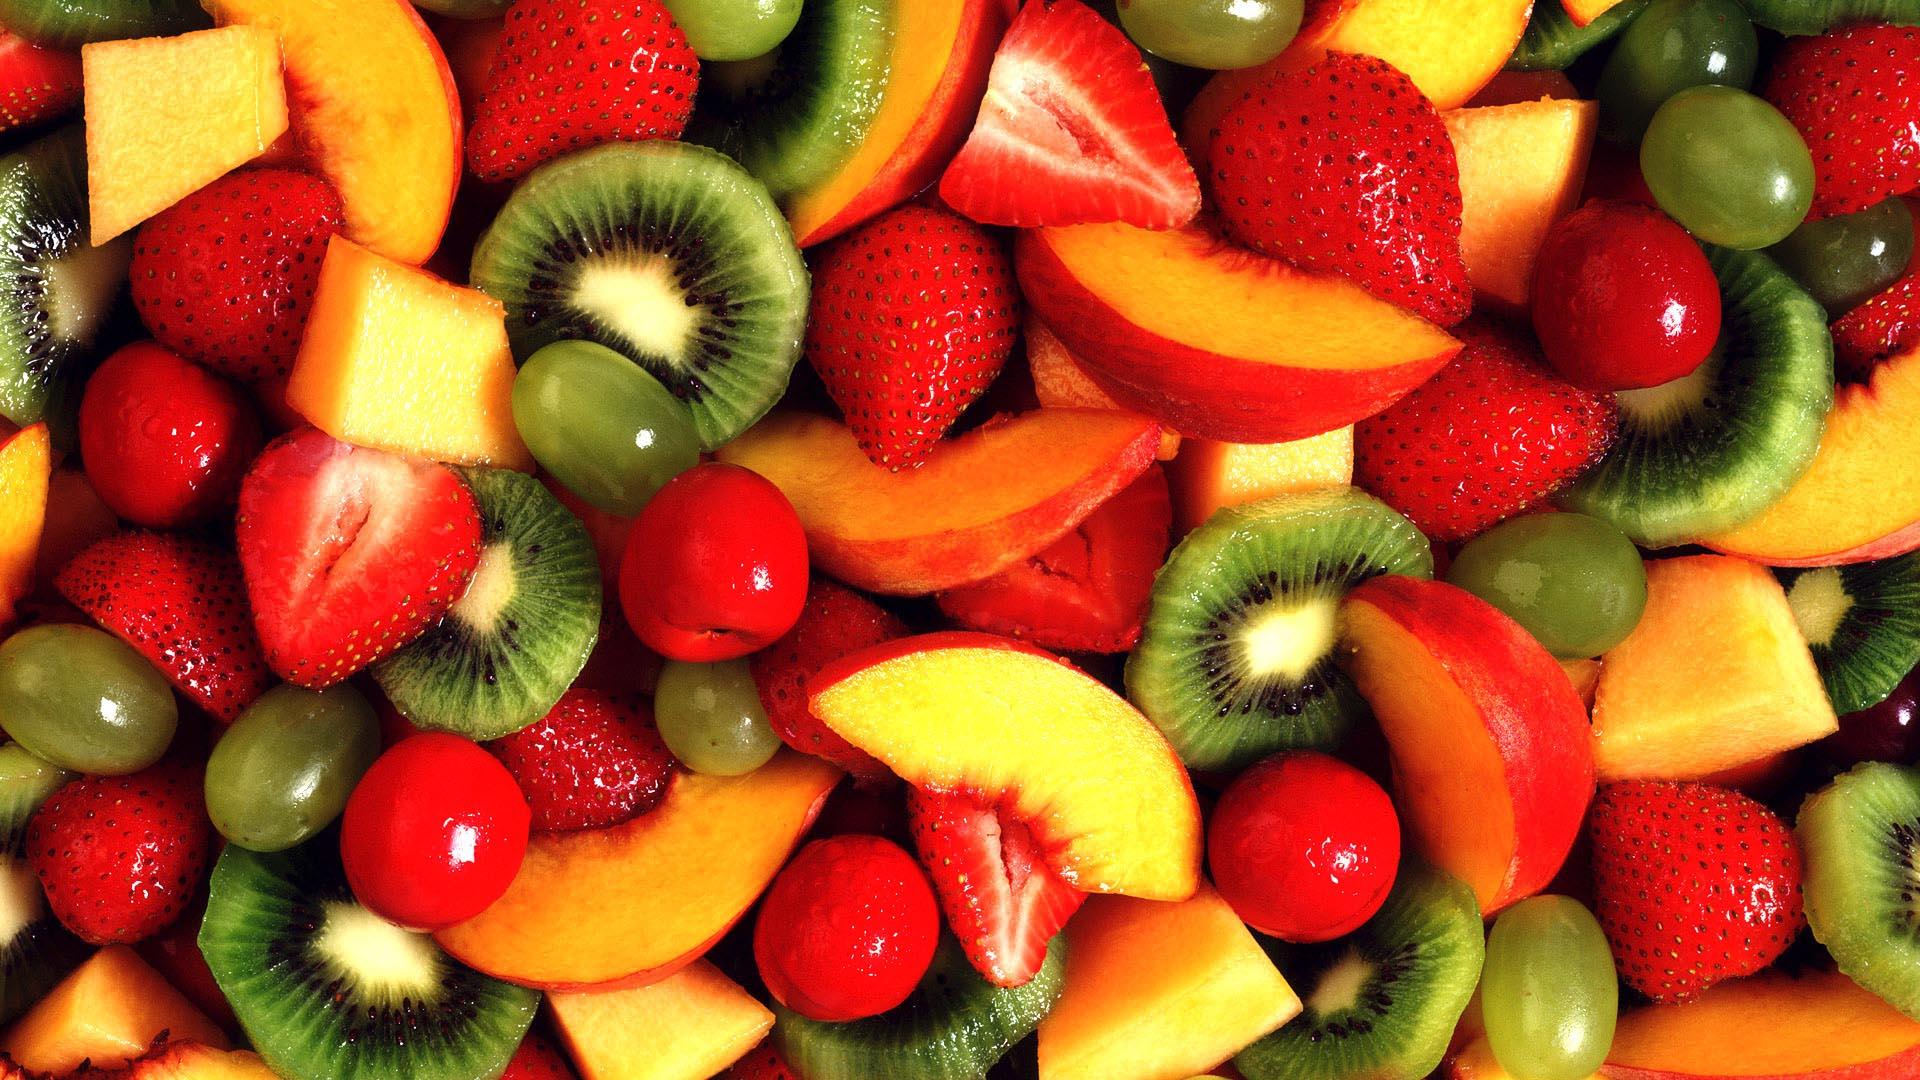 Fresh fruits wallpaper high resolution -  Http Blog Hdwallsource Com Wp Content Uploads 2014 12 Fruit Wallpaper 20353 20863 Hd Wallpapers Jpg